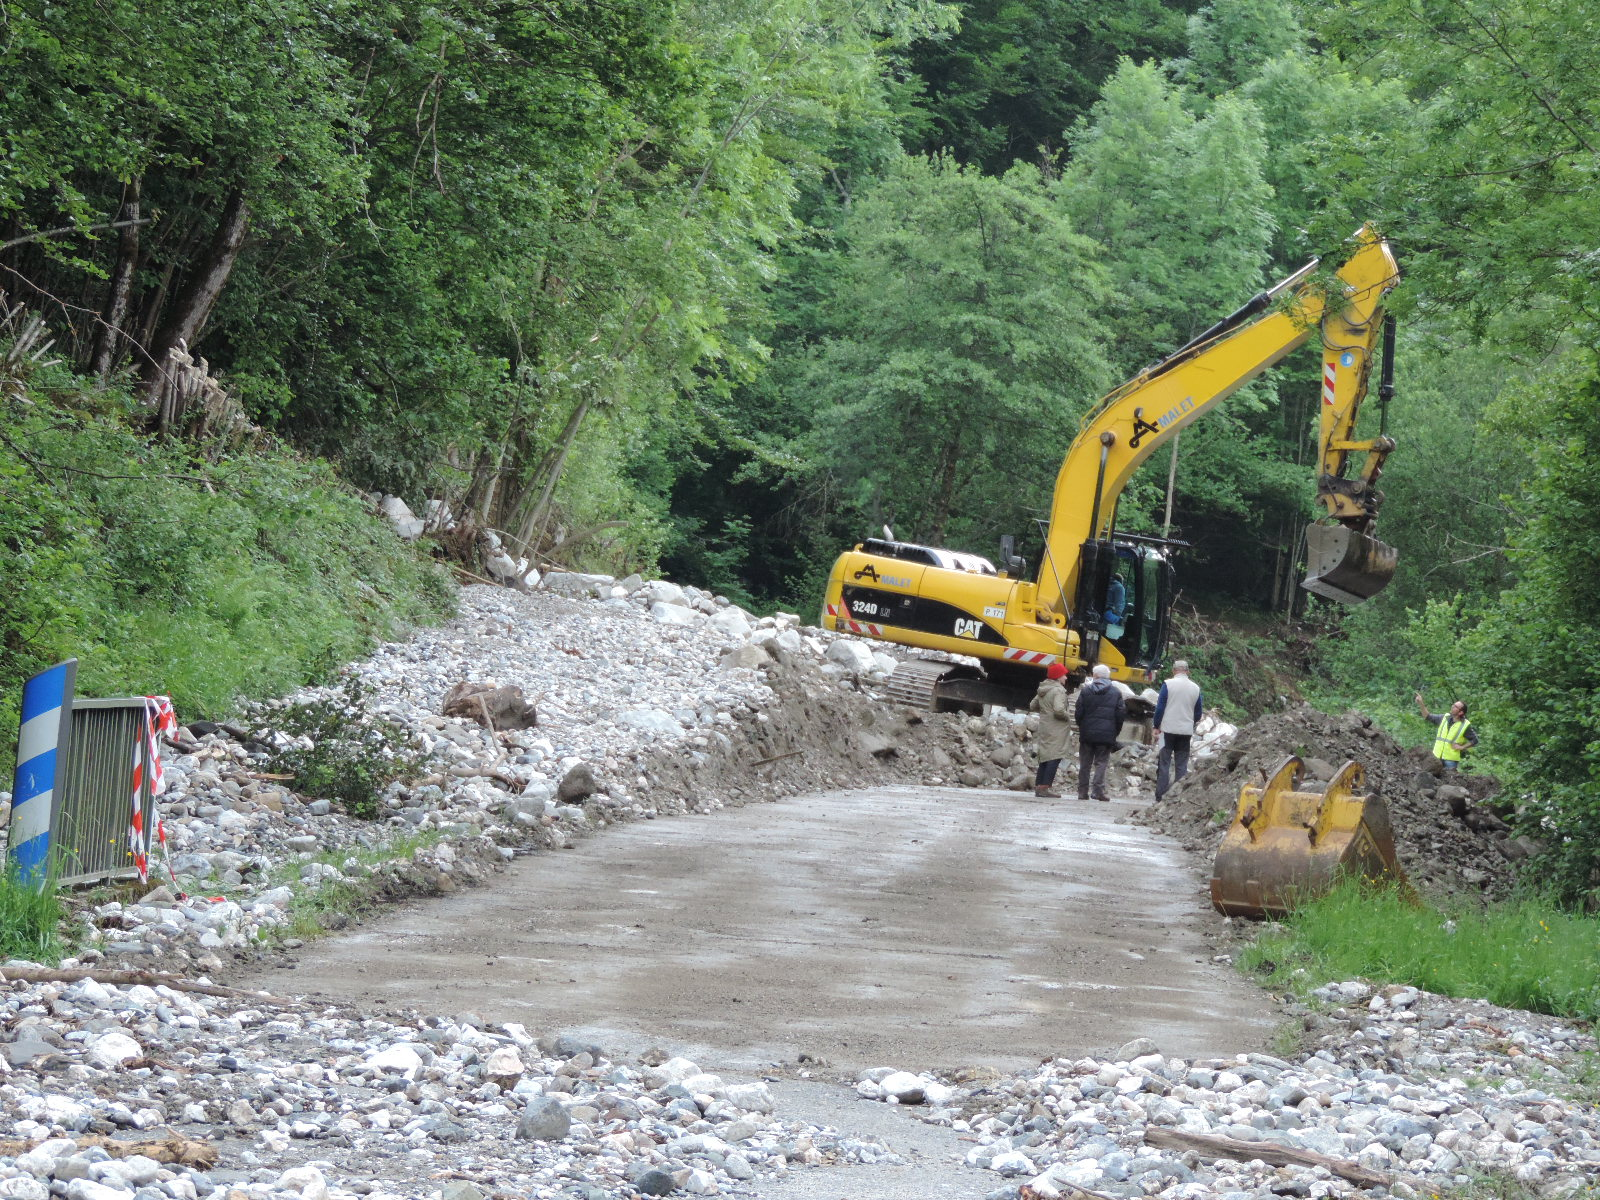 Des travaux de déblaiement ont été nécessaires pour dégager le route. © DDT 09